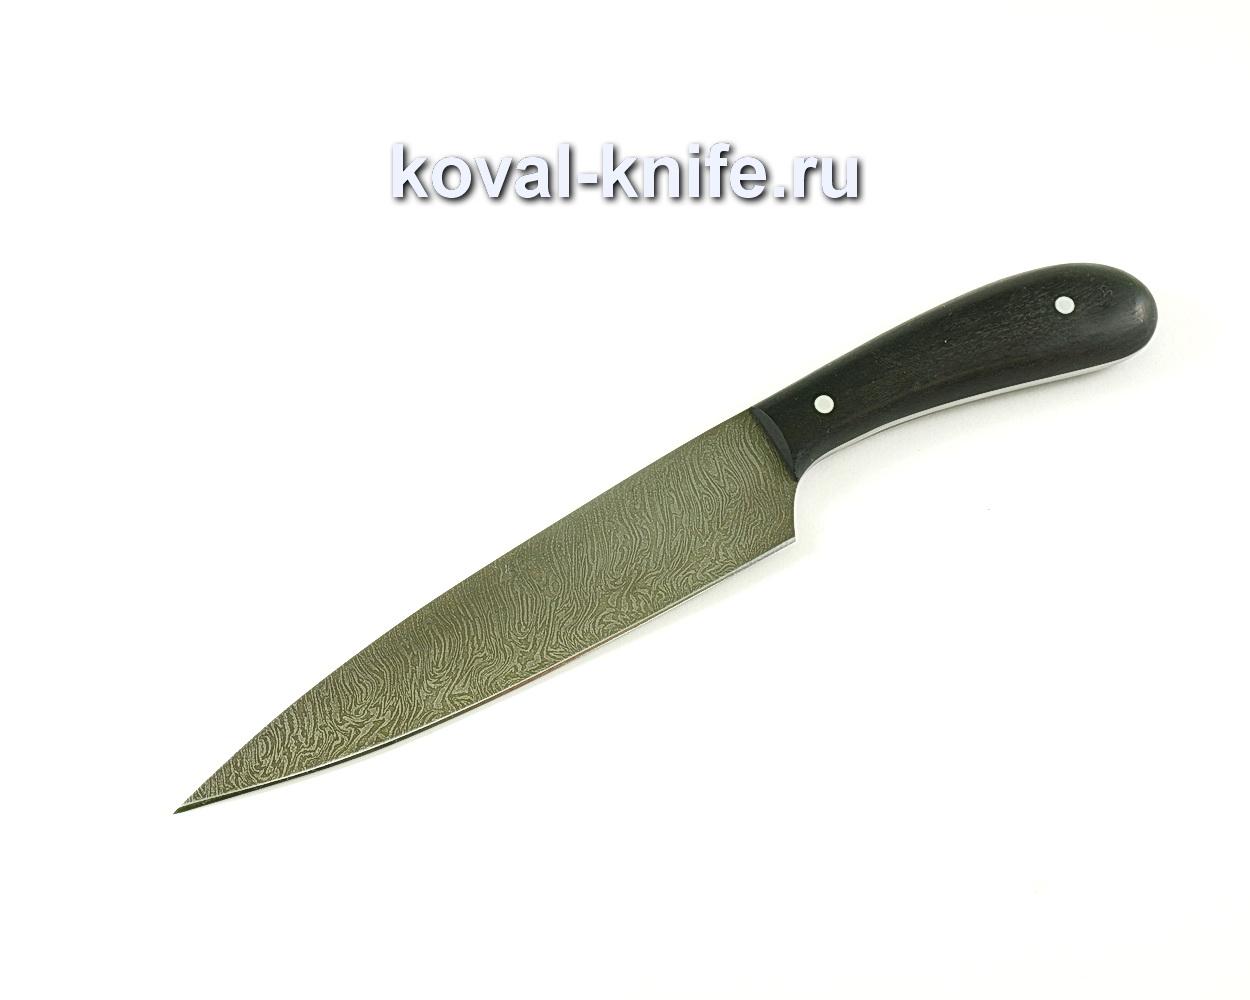 Кухонный средний нож (сталь дамасская), рукоять граб A060